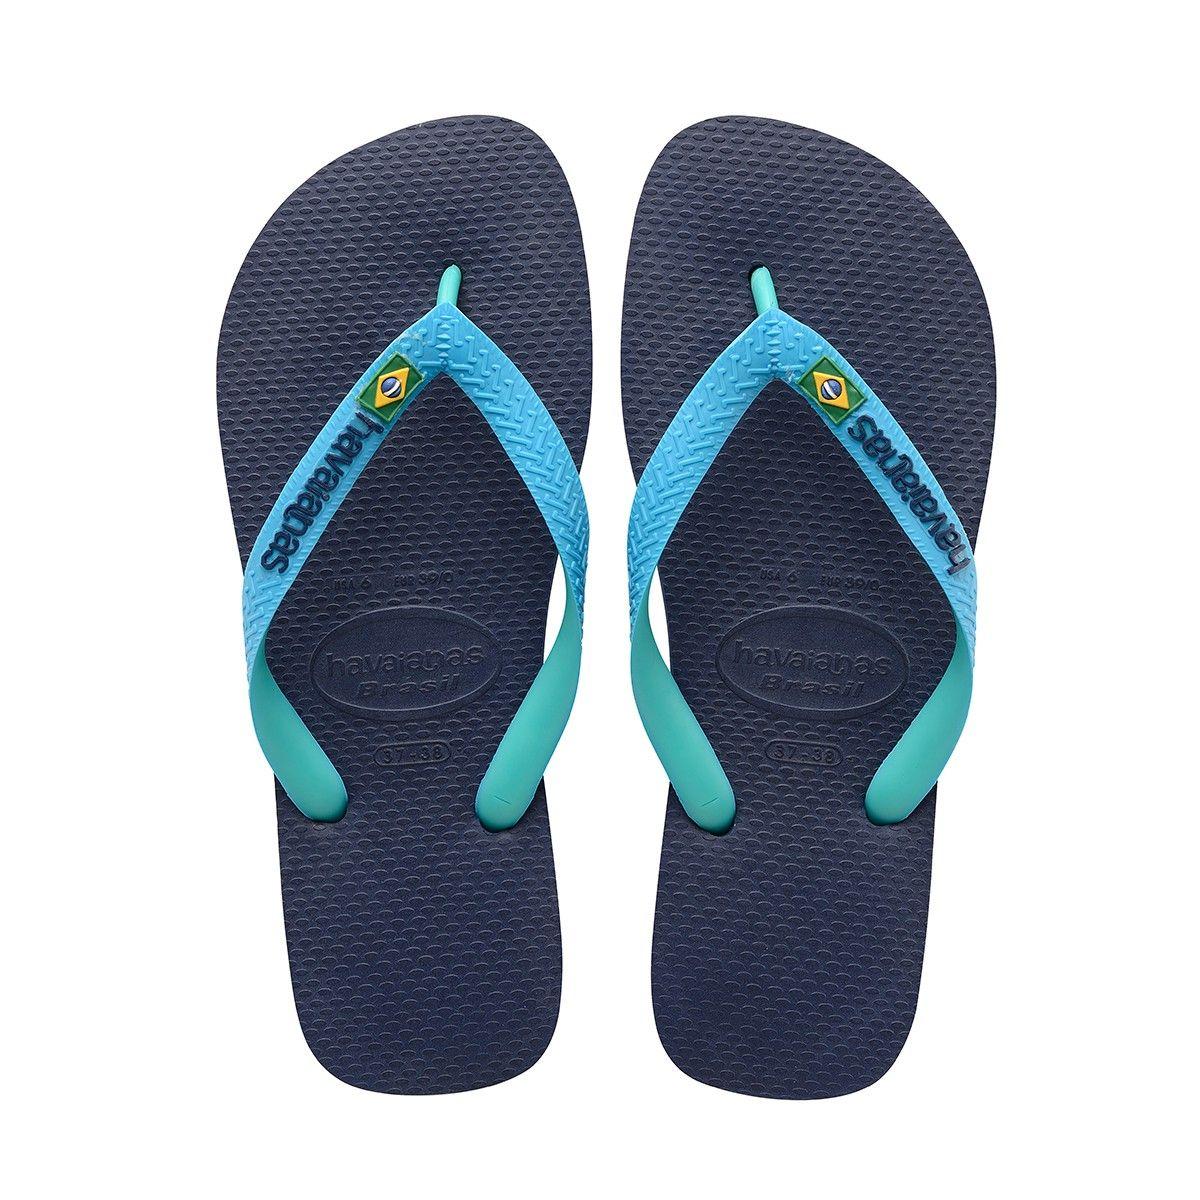 Havaianas Brazil Mix Sandal Navy Blue Turquoise In Brazil Mix Sandal Navy Blue Turquoise Modesens Flip Flop Shoes Womens Flip Flops Chic Sandals